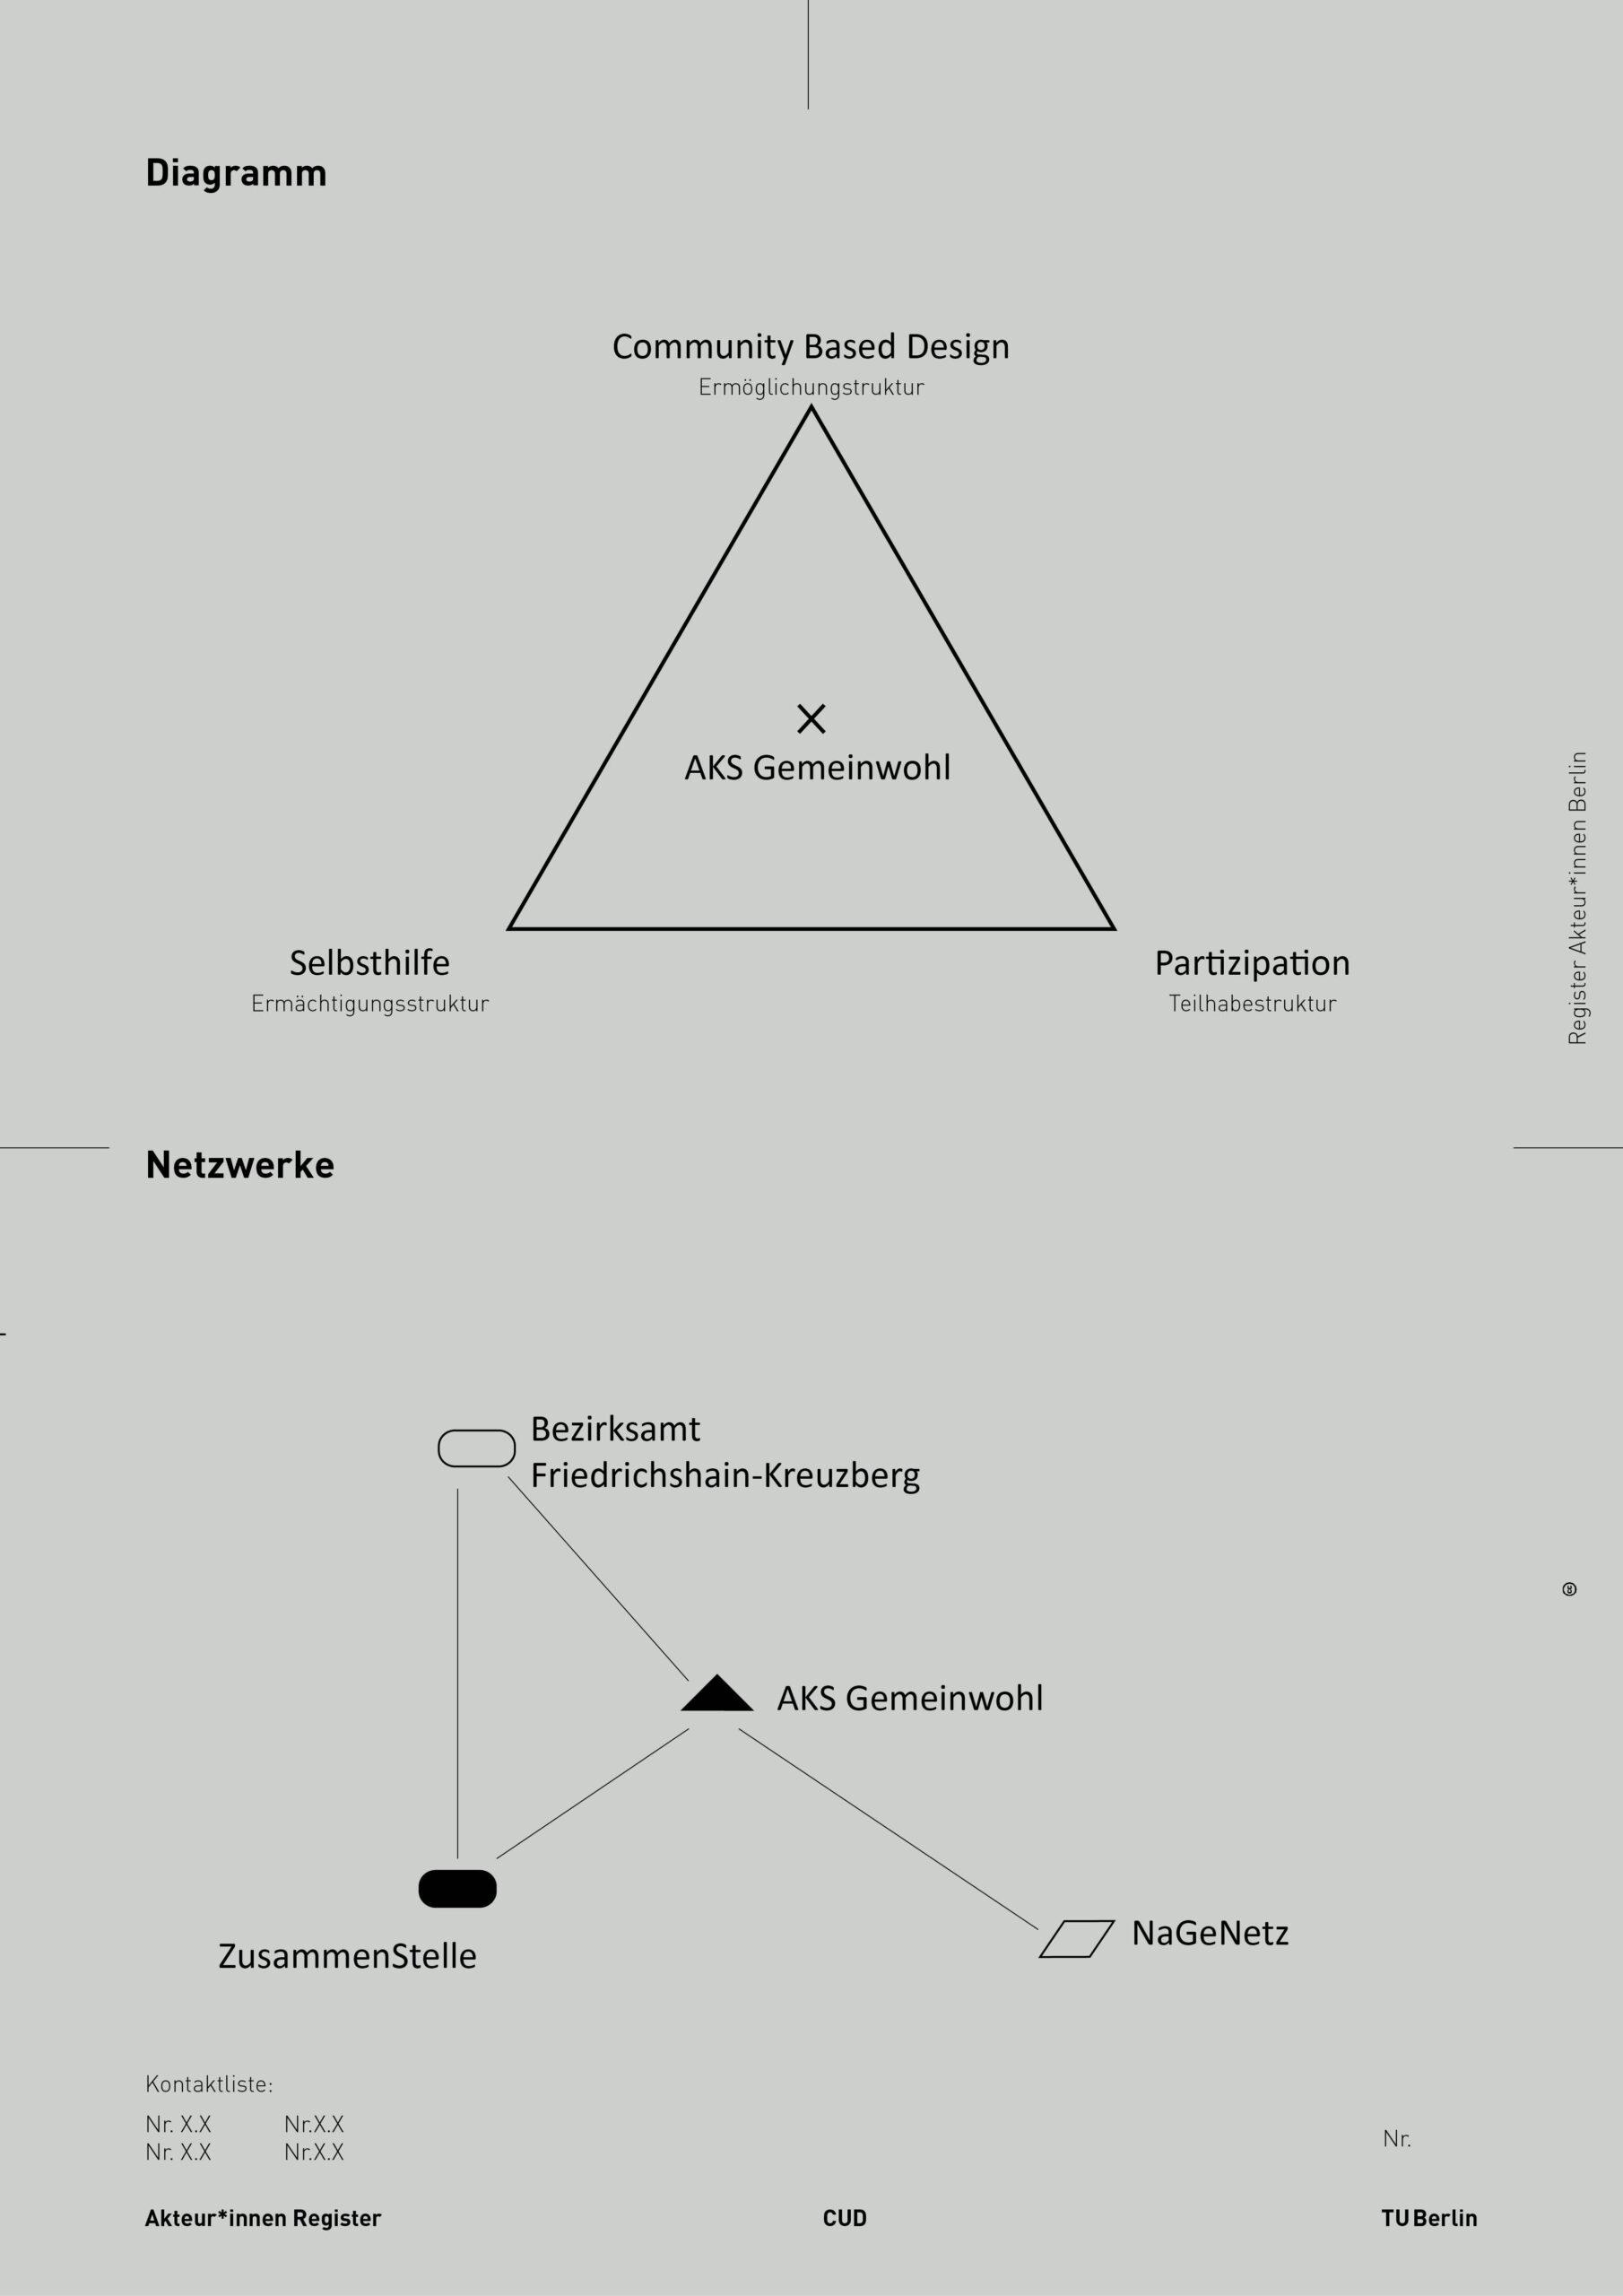 2021-05-17_AkteurInnen_Register_19